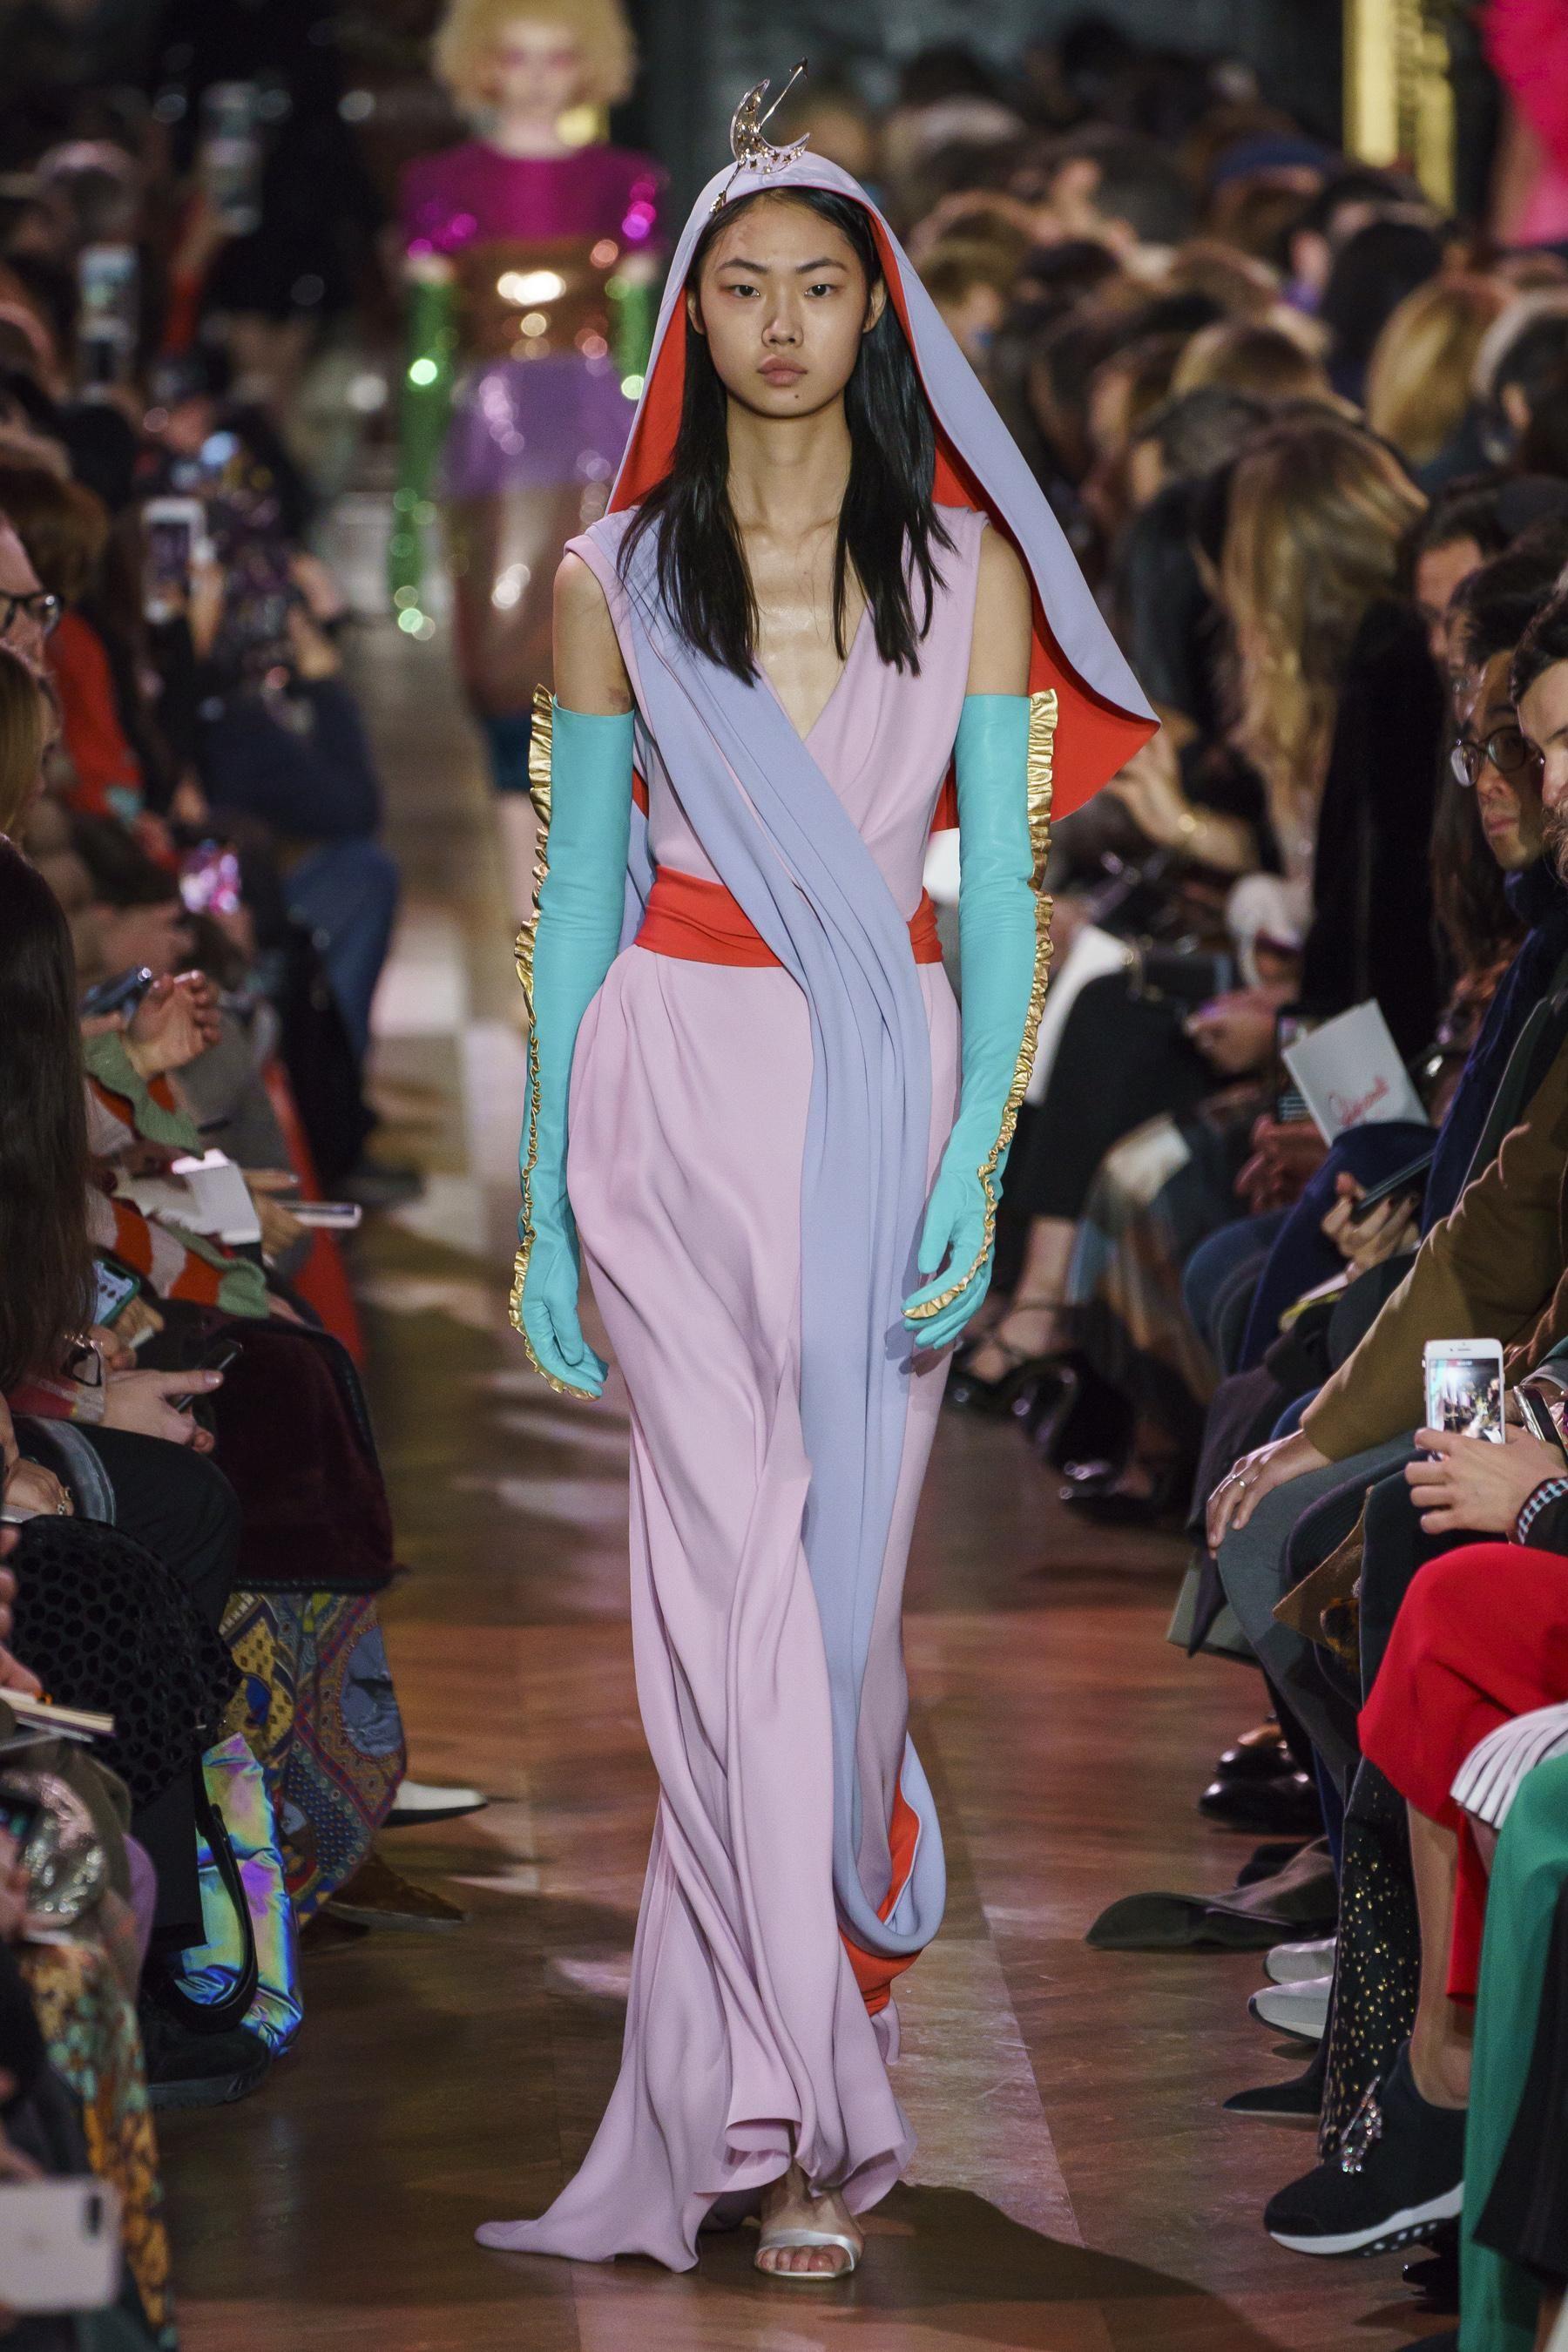 Défilé Schiaparelli printempsété 2019 Couture Printemps